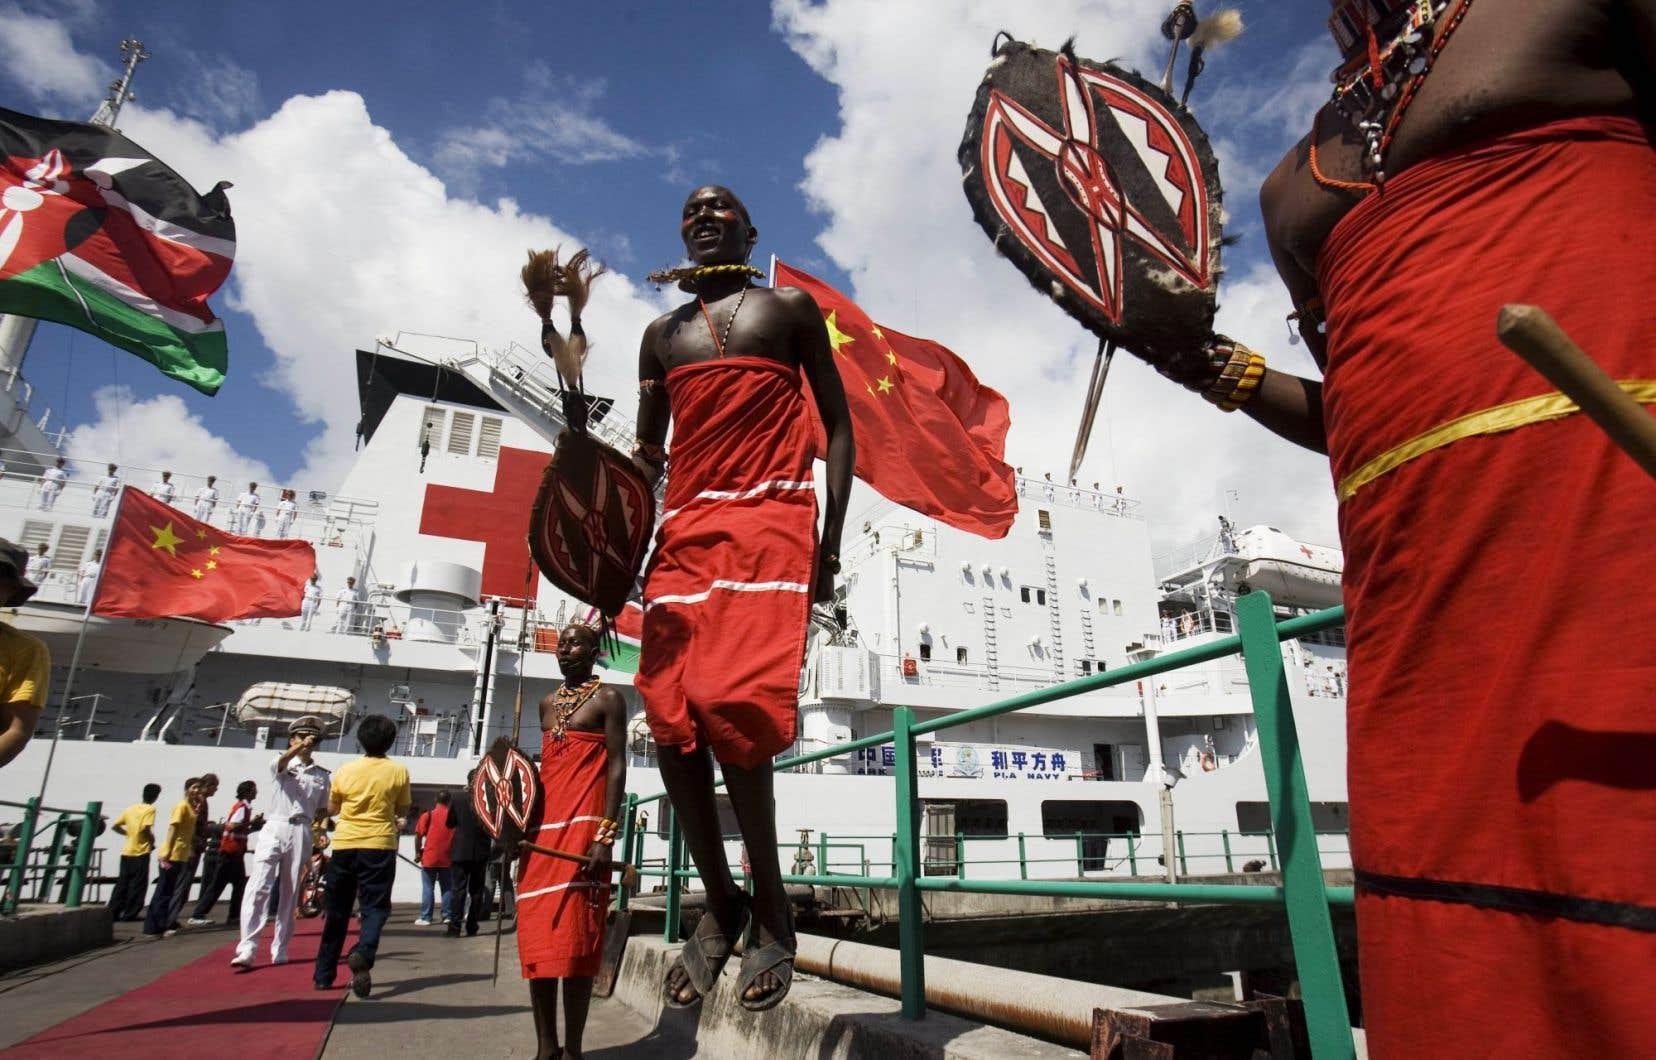 Des Massaïs exécutant une danse traditionnelle au terme d'une visite du navire-hôpital chinois l'Arche de la paix au Kenya.